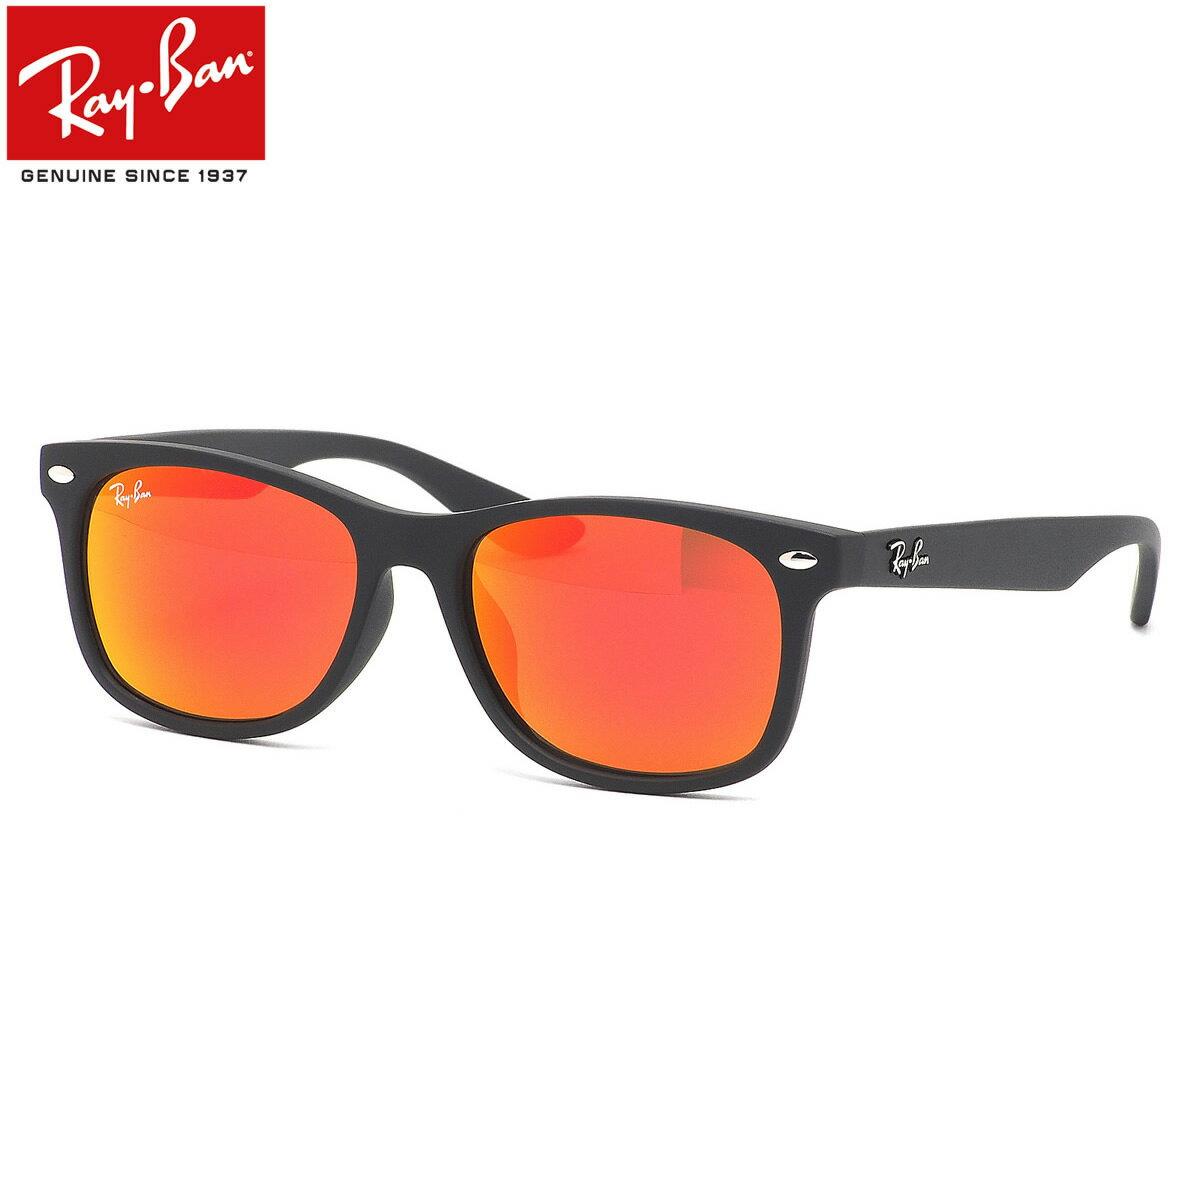 レイバン サングラス Ray-Ban RJ9052SF 100S6Q 50サイズ ジュニアニューウェイファーラー Junior NewWayFarer キッズ 子供用 レイバン RAYBAN 子供用 キッズ用